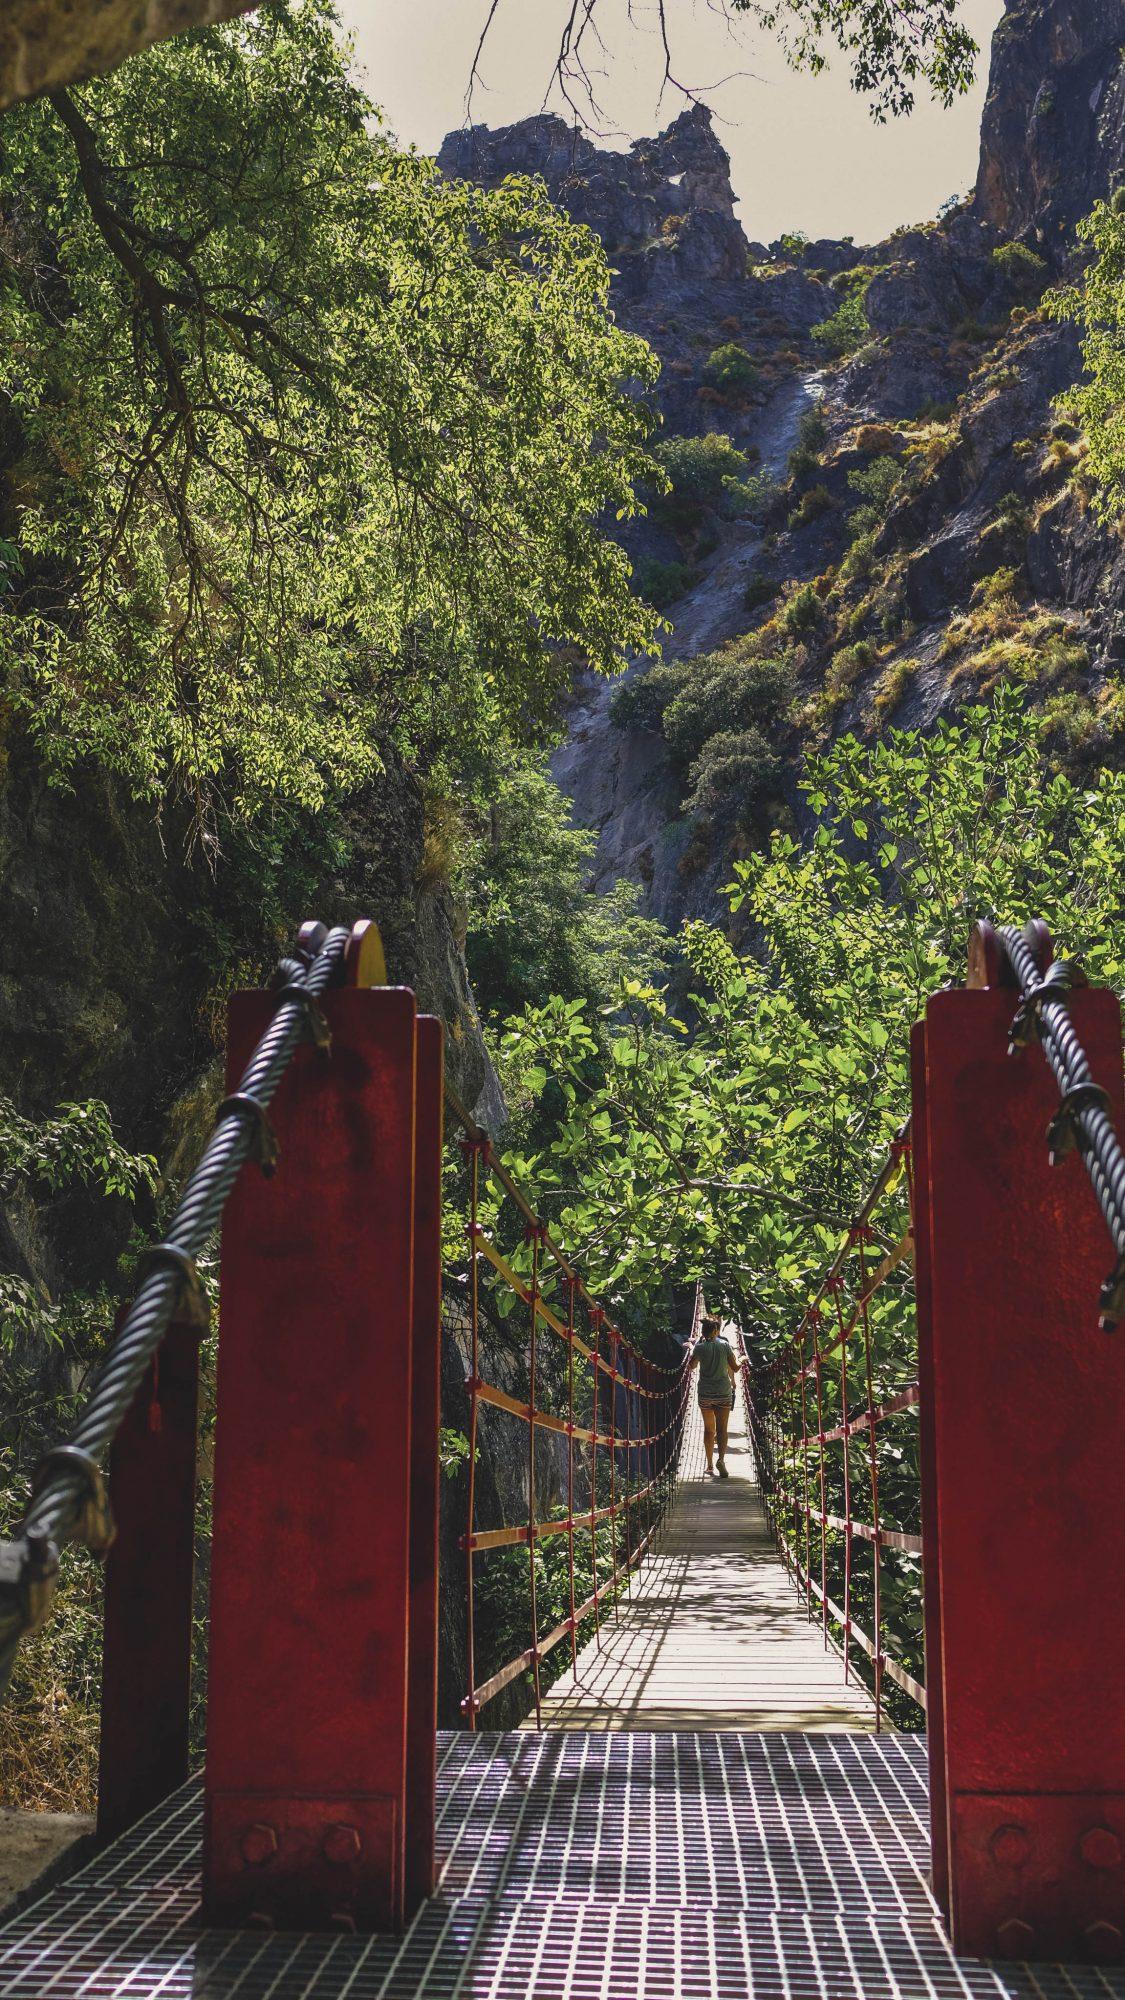 Pont suspendu de Los Cahorros